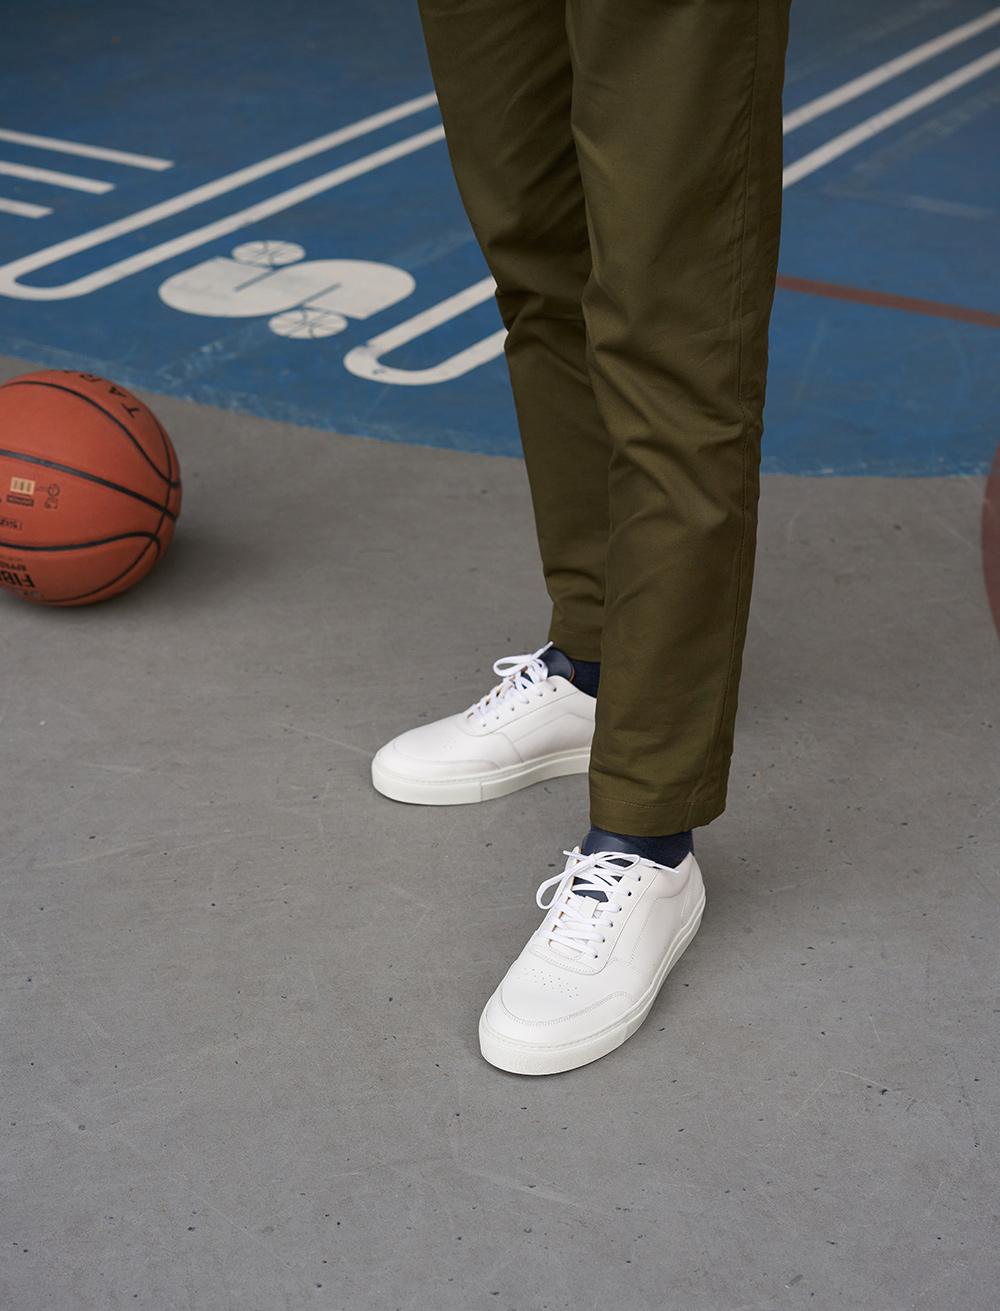 Frisco V3 - Blanc, Bleu